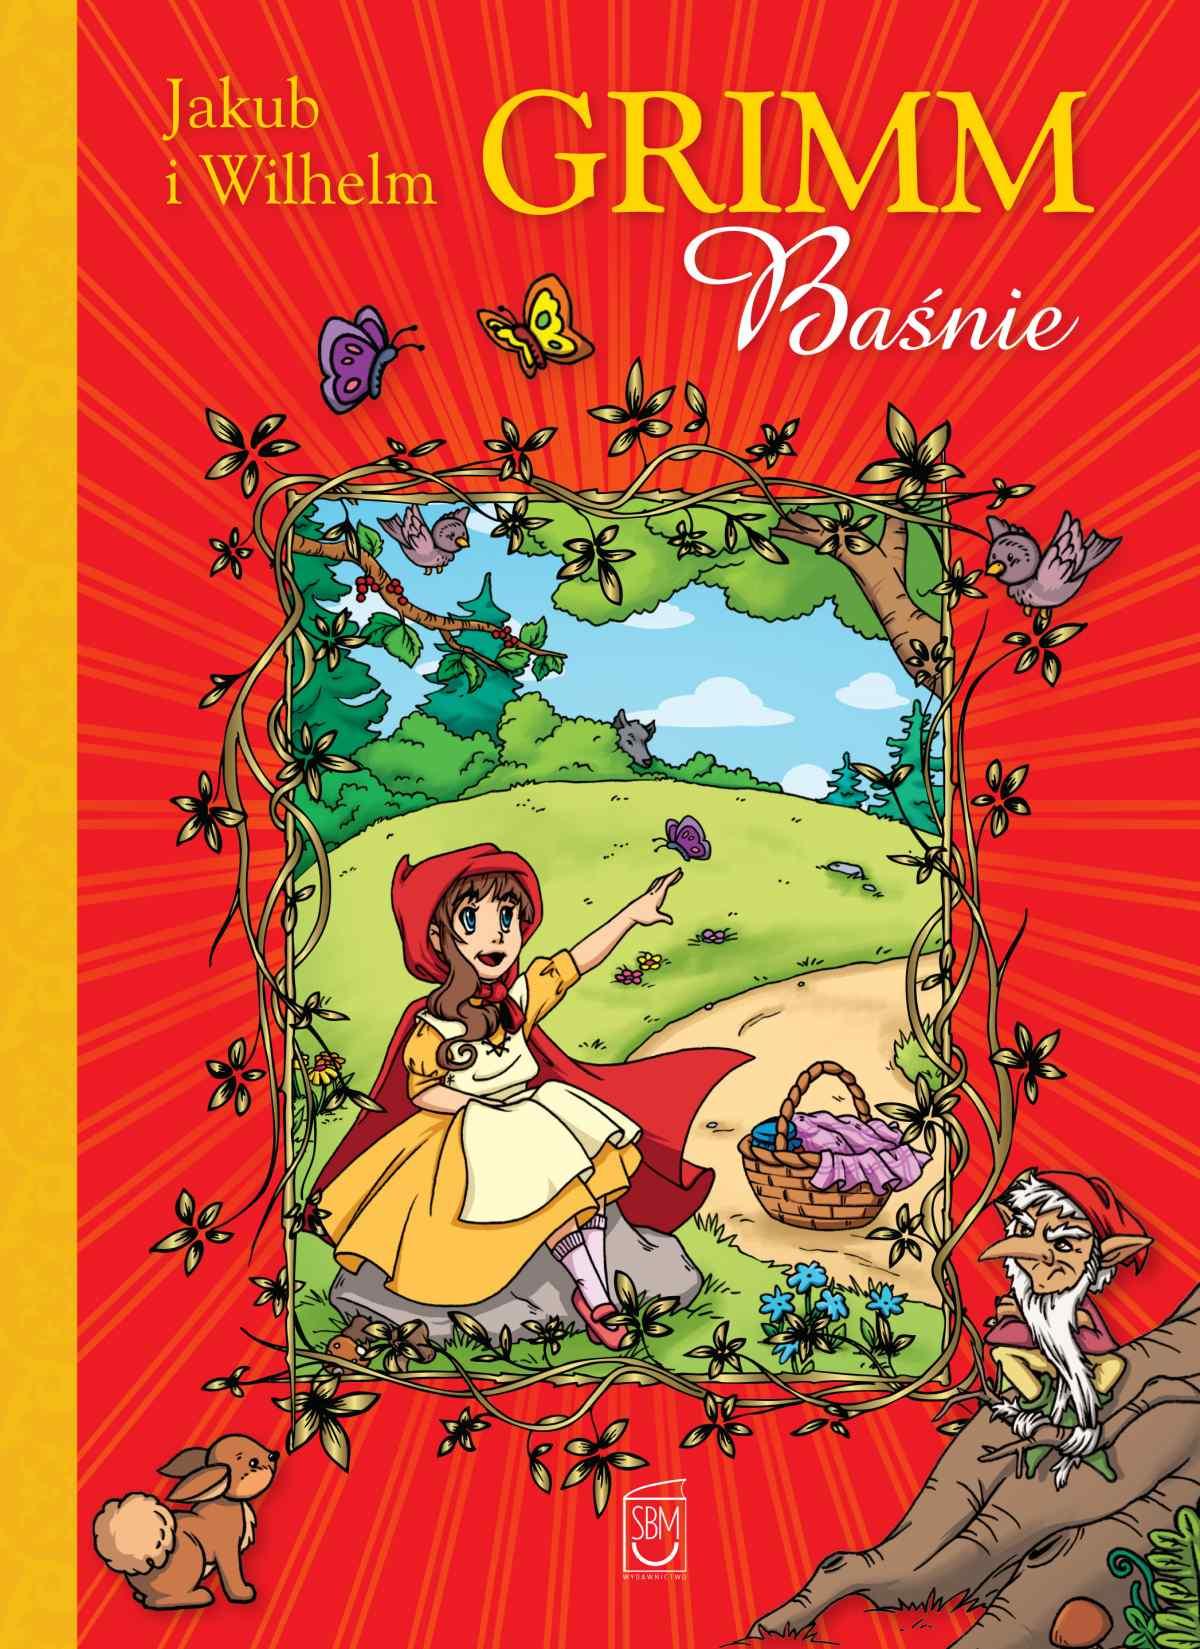 Baśnie - Grimm - Ebook (Książka PDF) do pobrania w formacie PDF